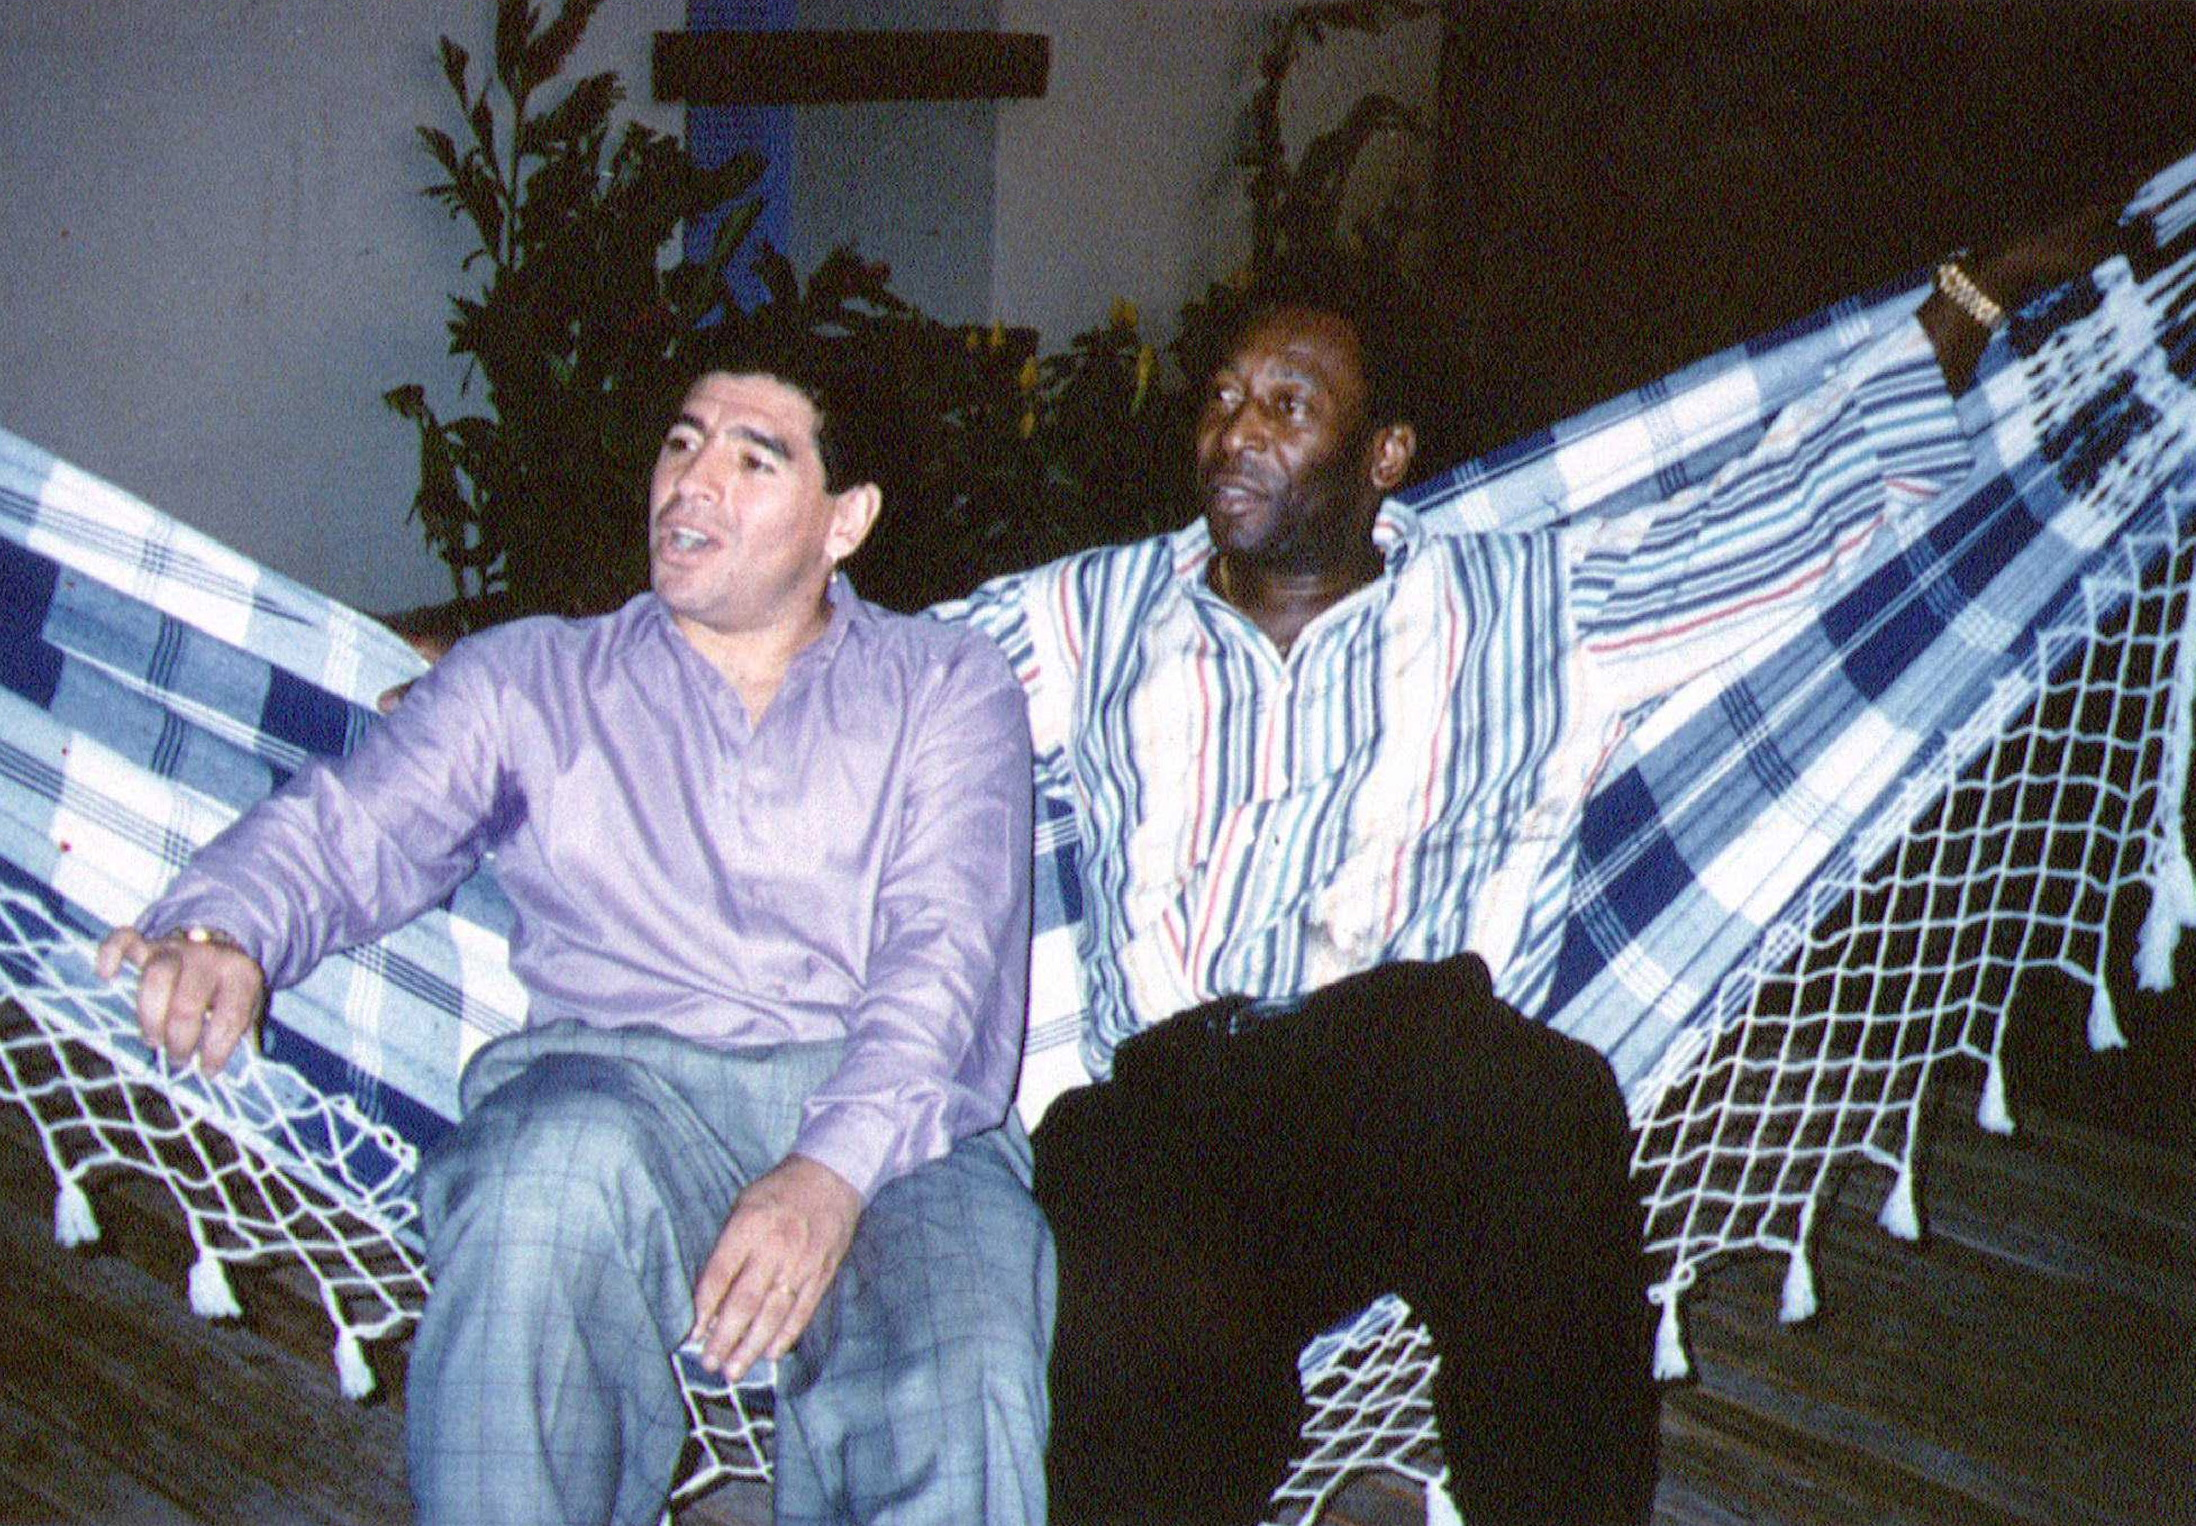 Πελέ για Ντιέγκο Μαραντόνα: «Μια ημέρα ελπίζω να παίξουμε μαζί μπάλα στον ουρανό»